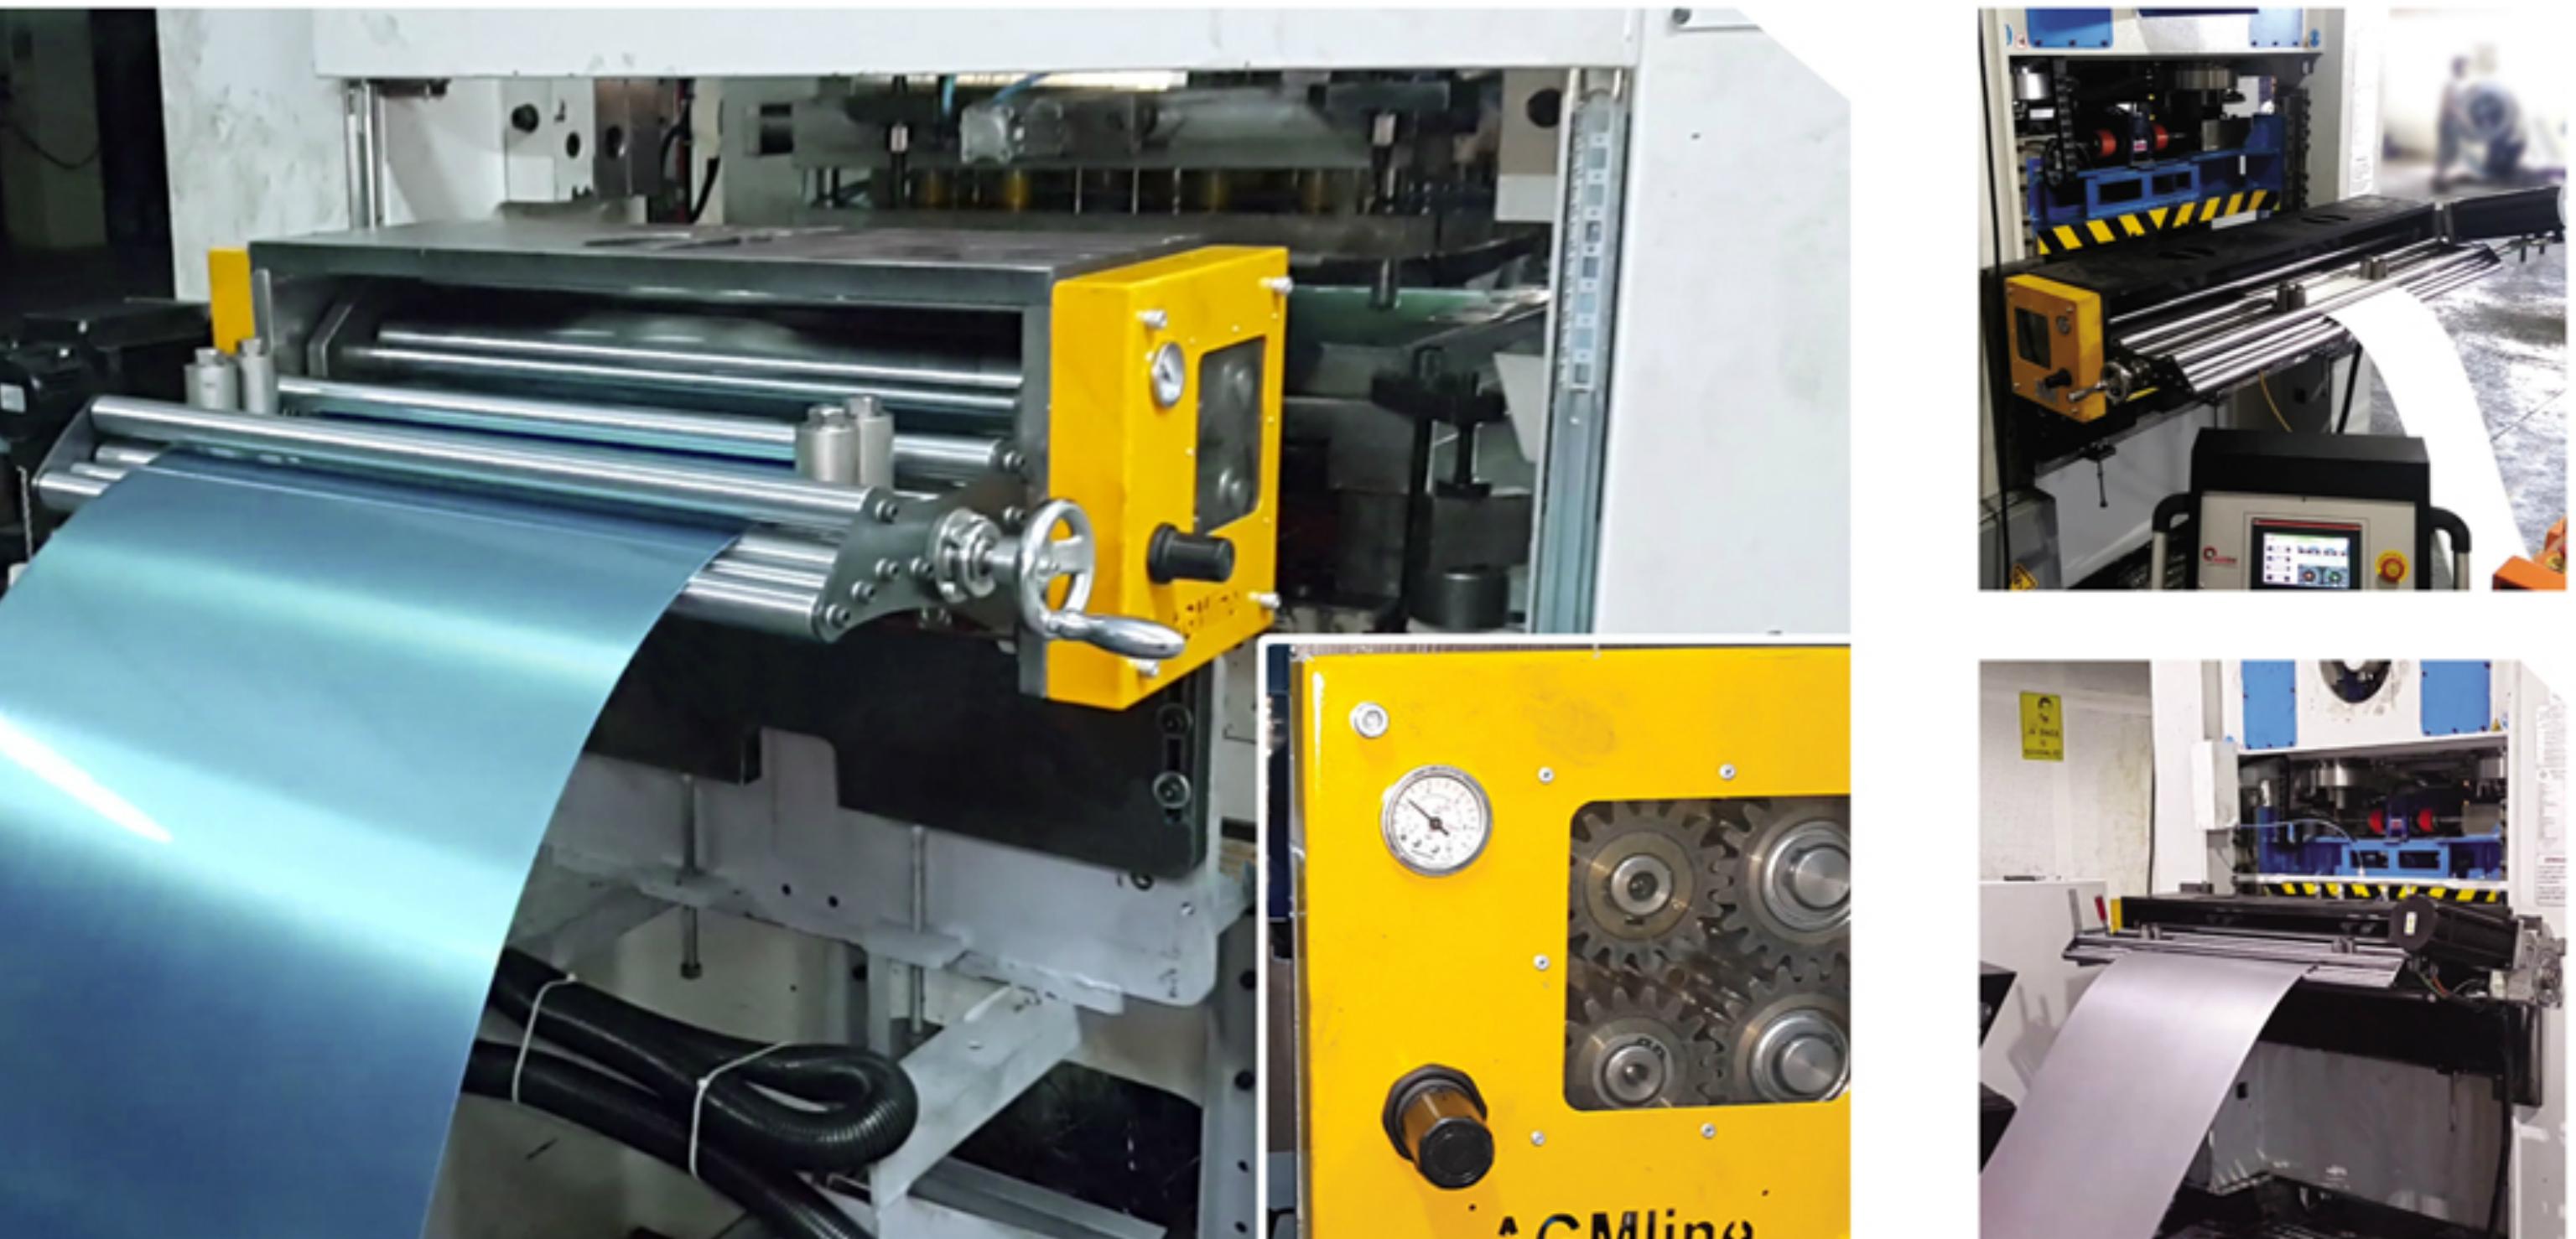 Servo feeder supplier from Turkey straightener feeder press feeding system turkish equipment